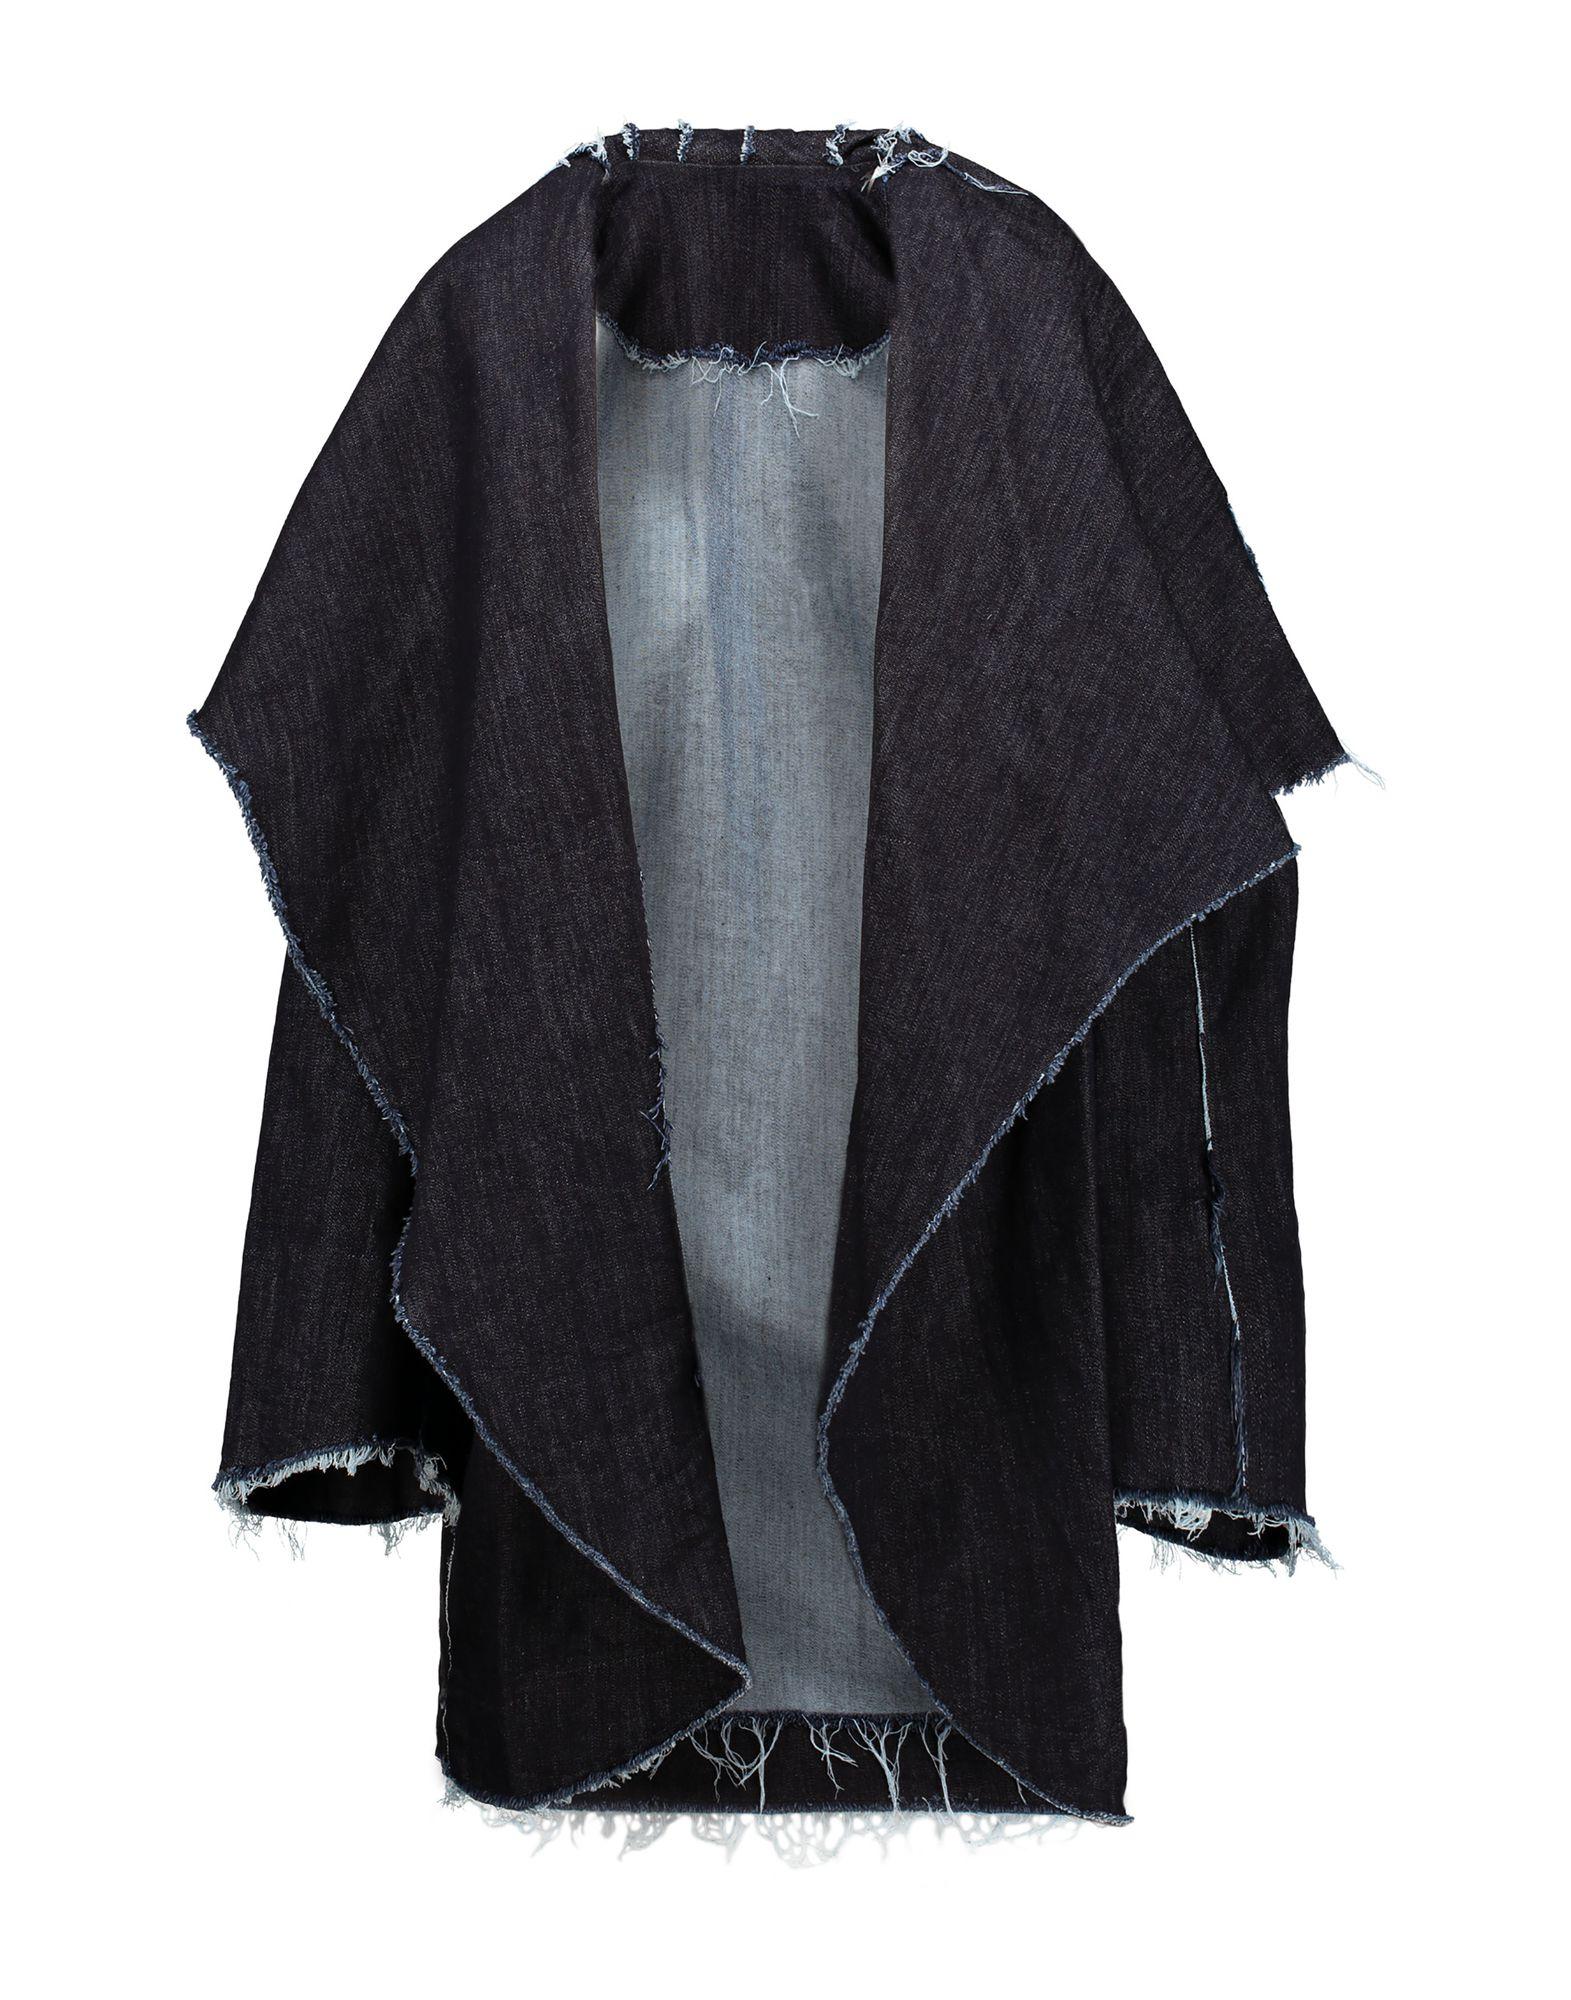 NORMA KAMALI Джинсовая верхняя одежда брендовая одежда